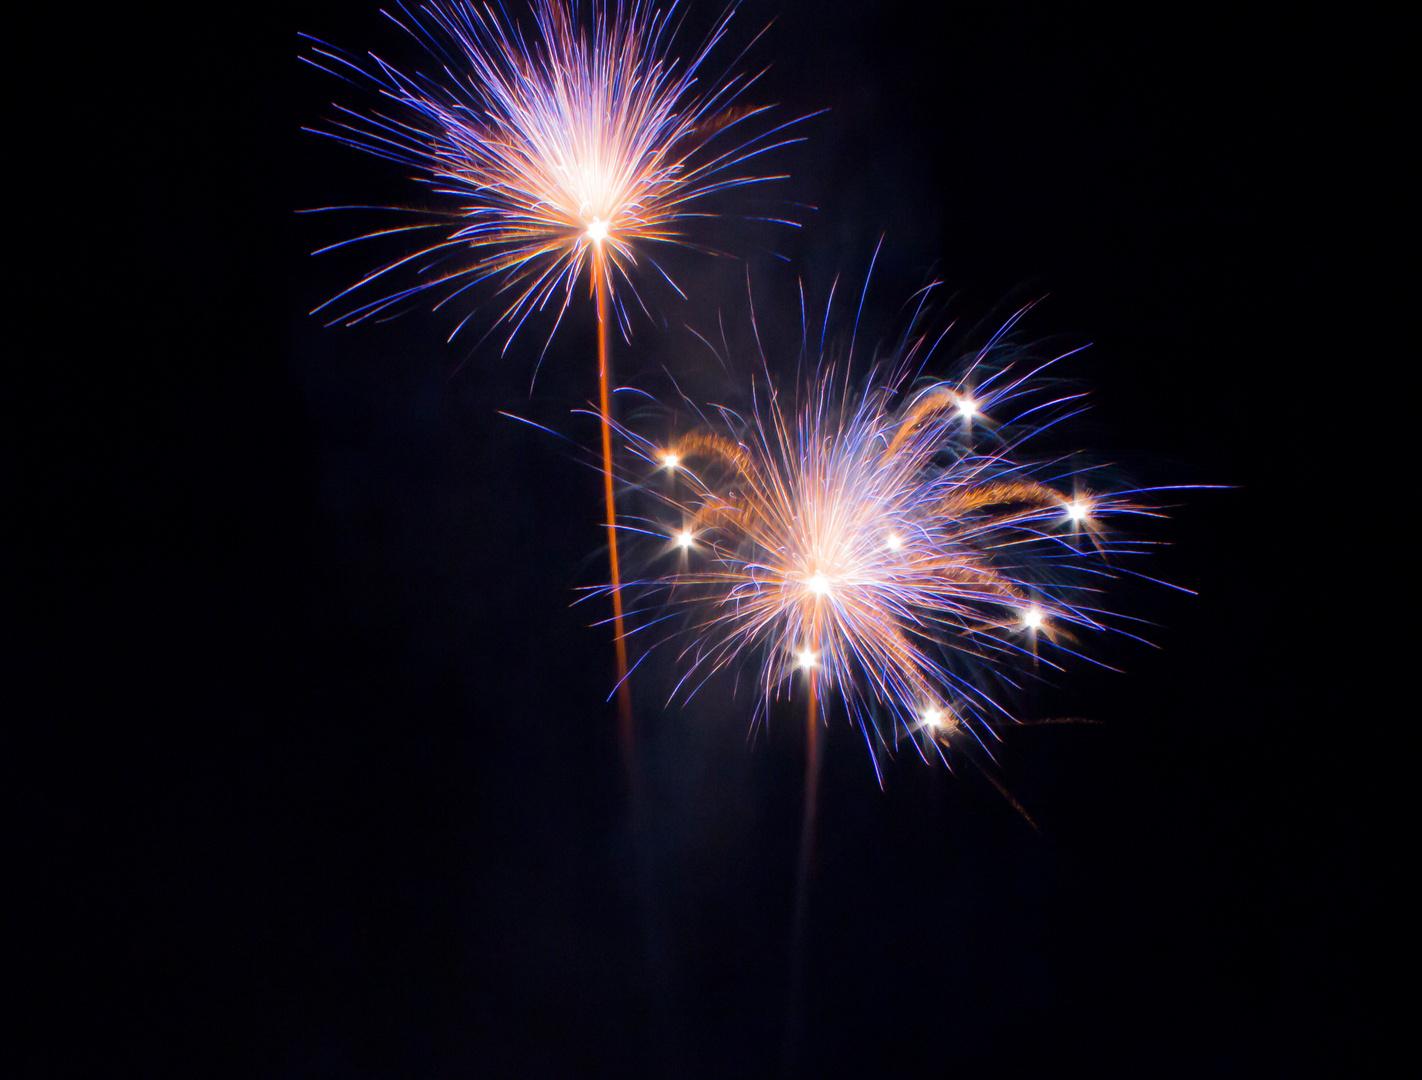 Feuerwerk teil 2